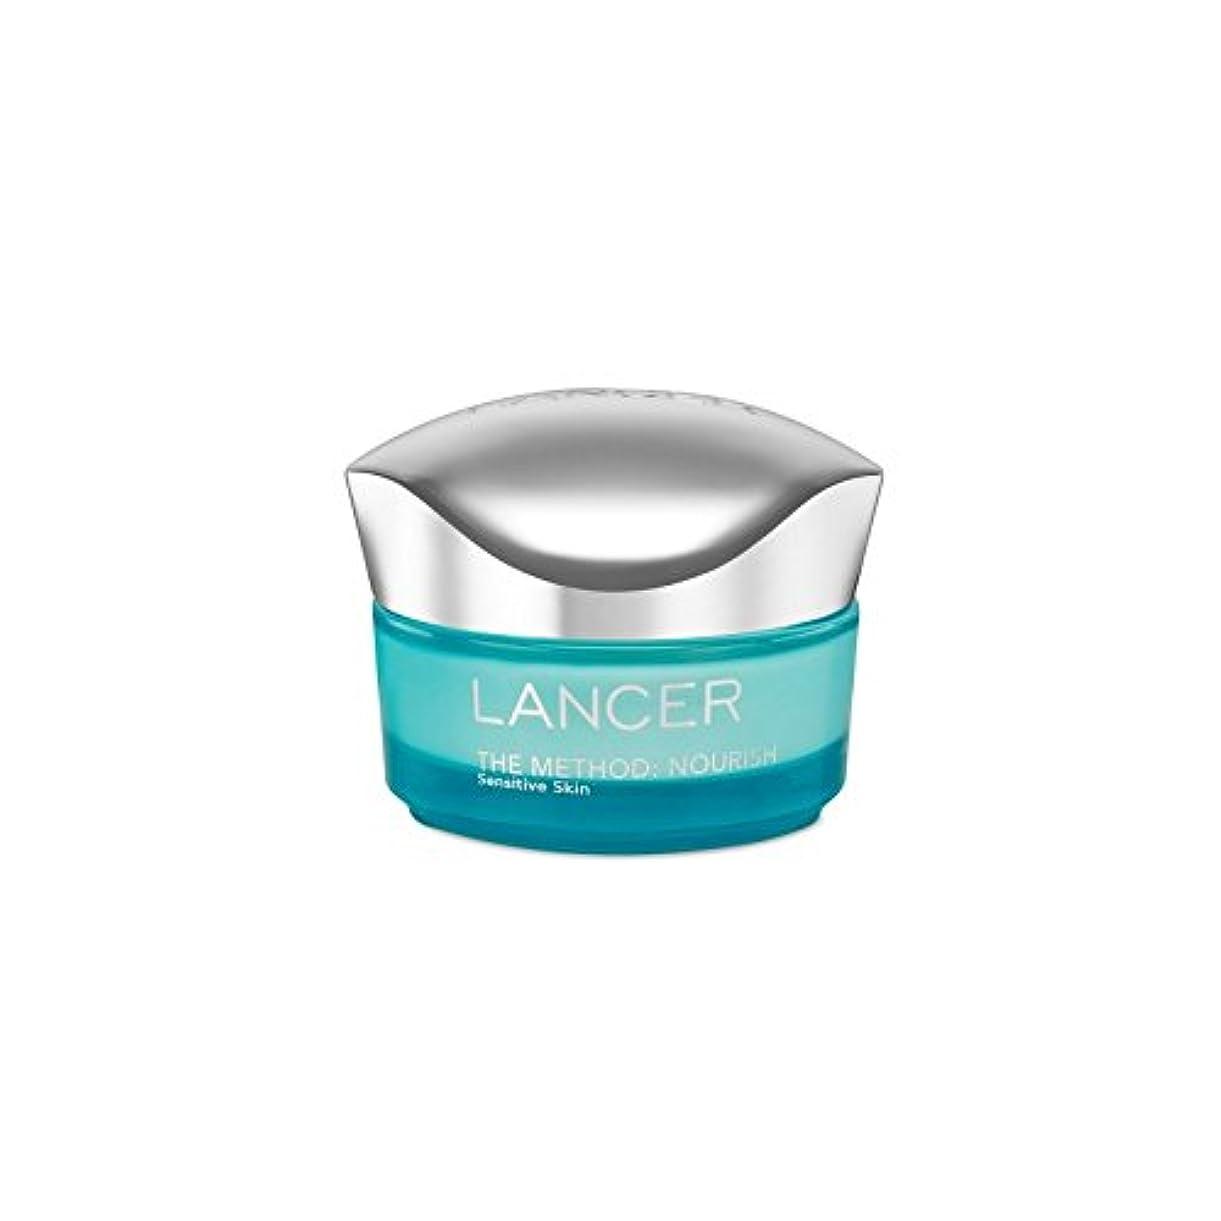 固体開拓者服ランサーは、この方法をスキンケア:保湿敏感肌(50)に栄養を与えます x4 - Lancer Skincare The Method: Nourish Moisturiser Sensitive Skin (50ml)...